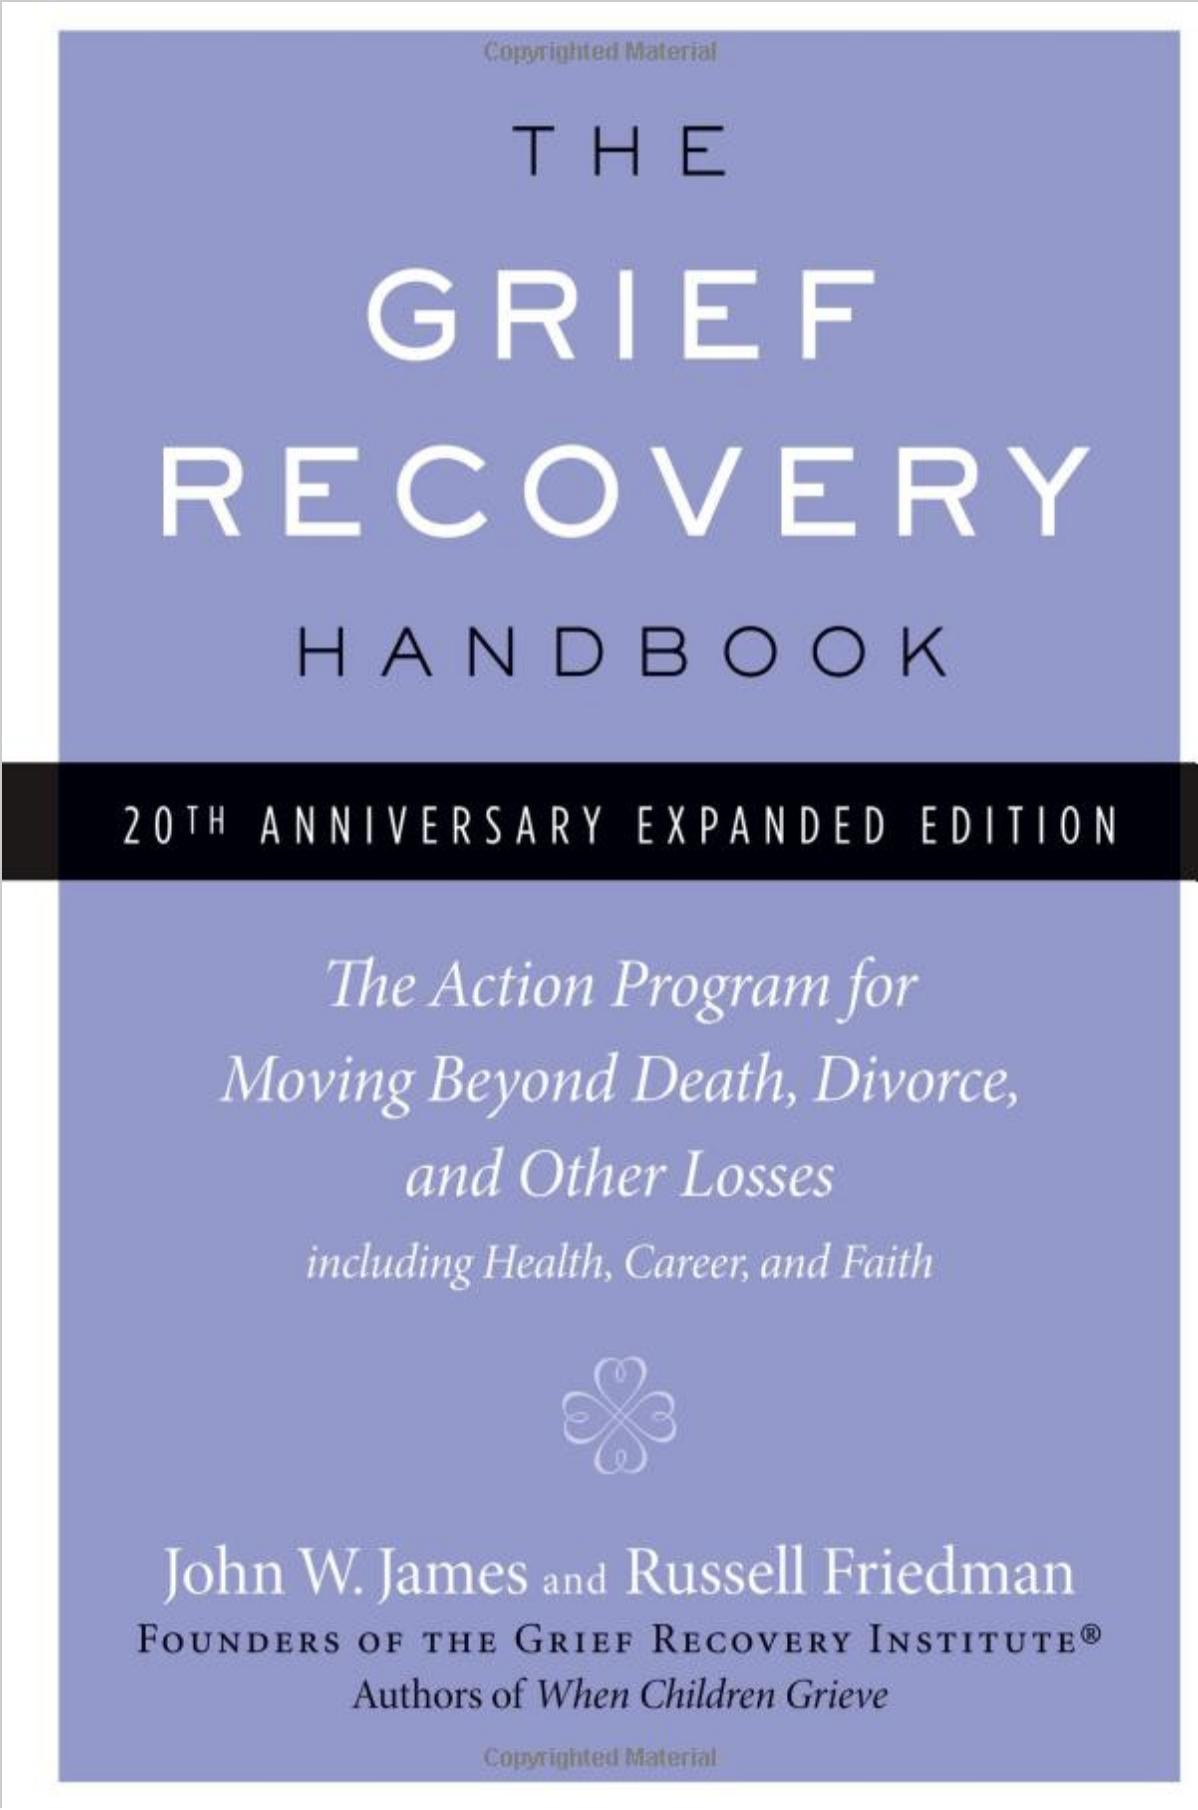 Yolanda Brown | The Grief Recovery Handbook